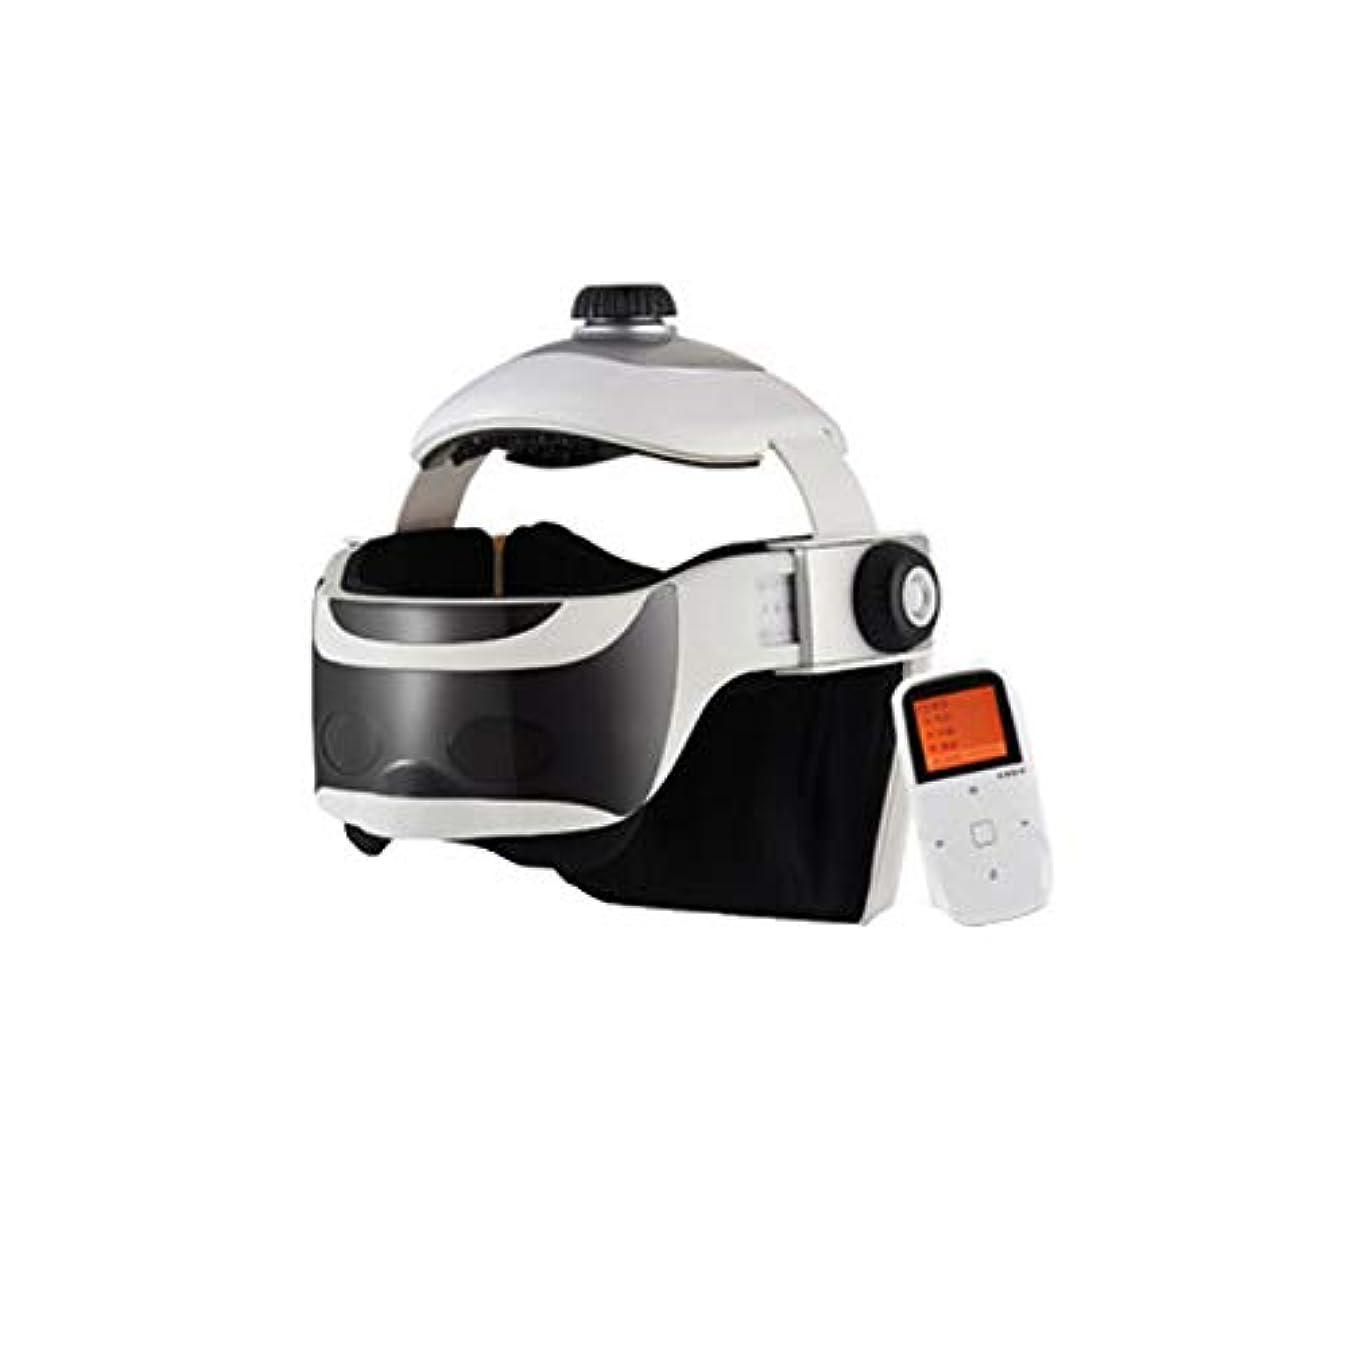 真実怠けたラブマッサージャー - マッサージャーホーム練り頭皮マッサージヘルメット (色 : Wireless version)